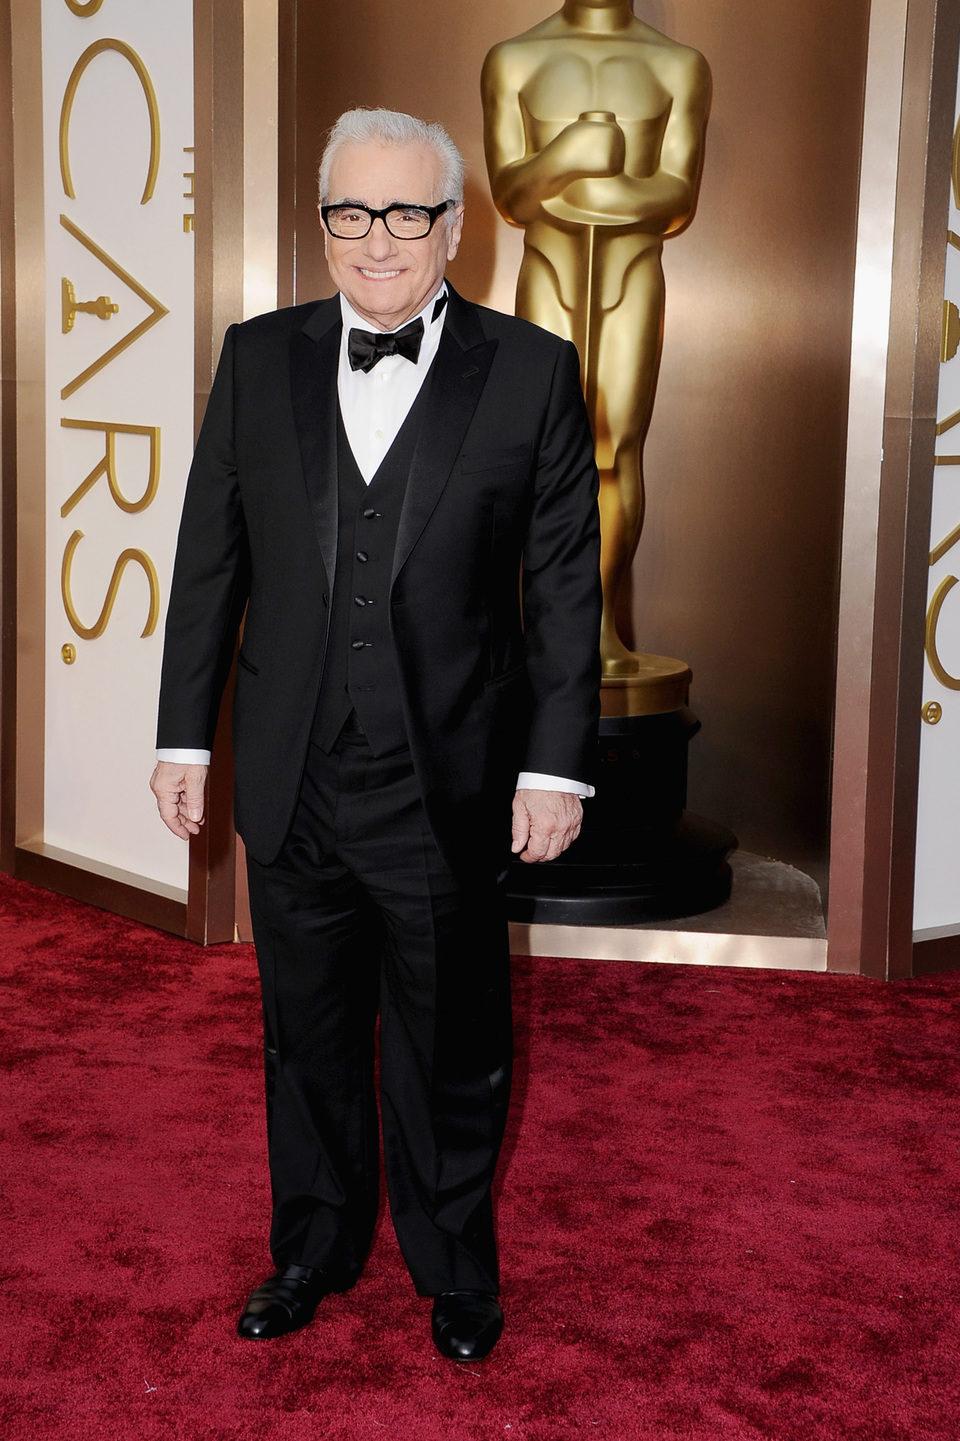 Martin Scorsese en la alfombra roja de los Oscar 2014